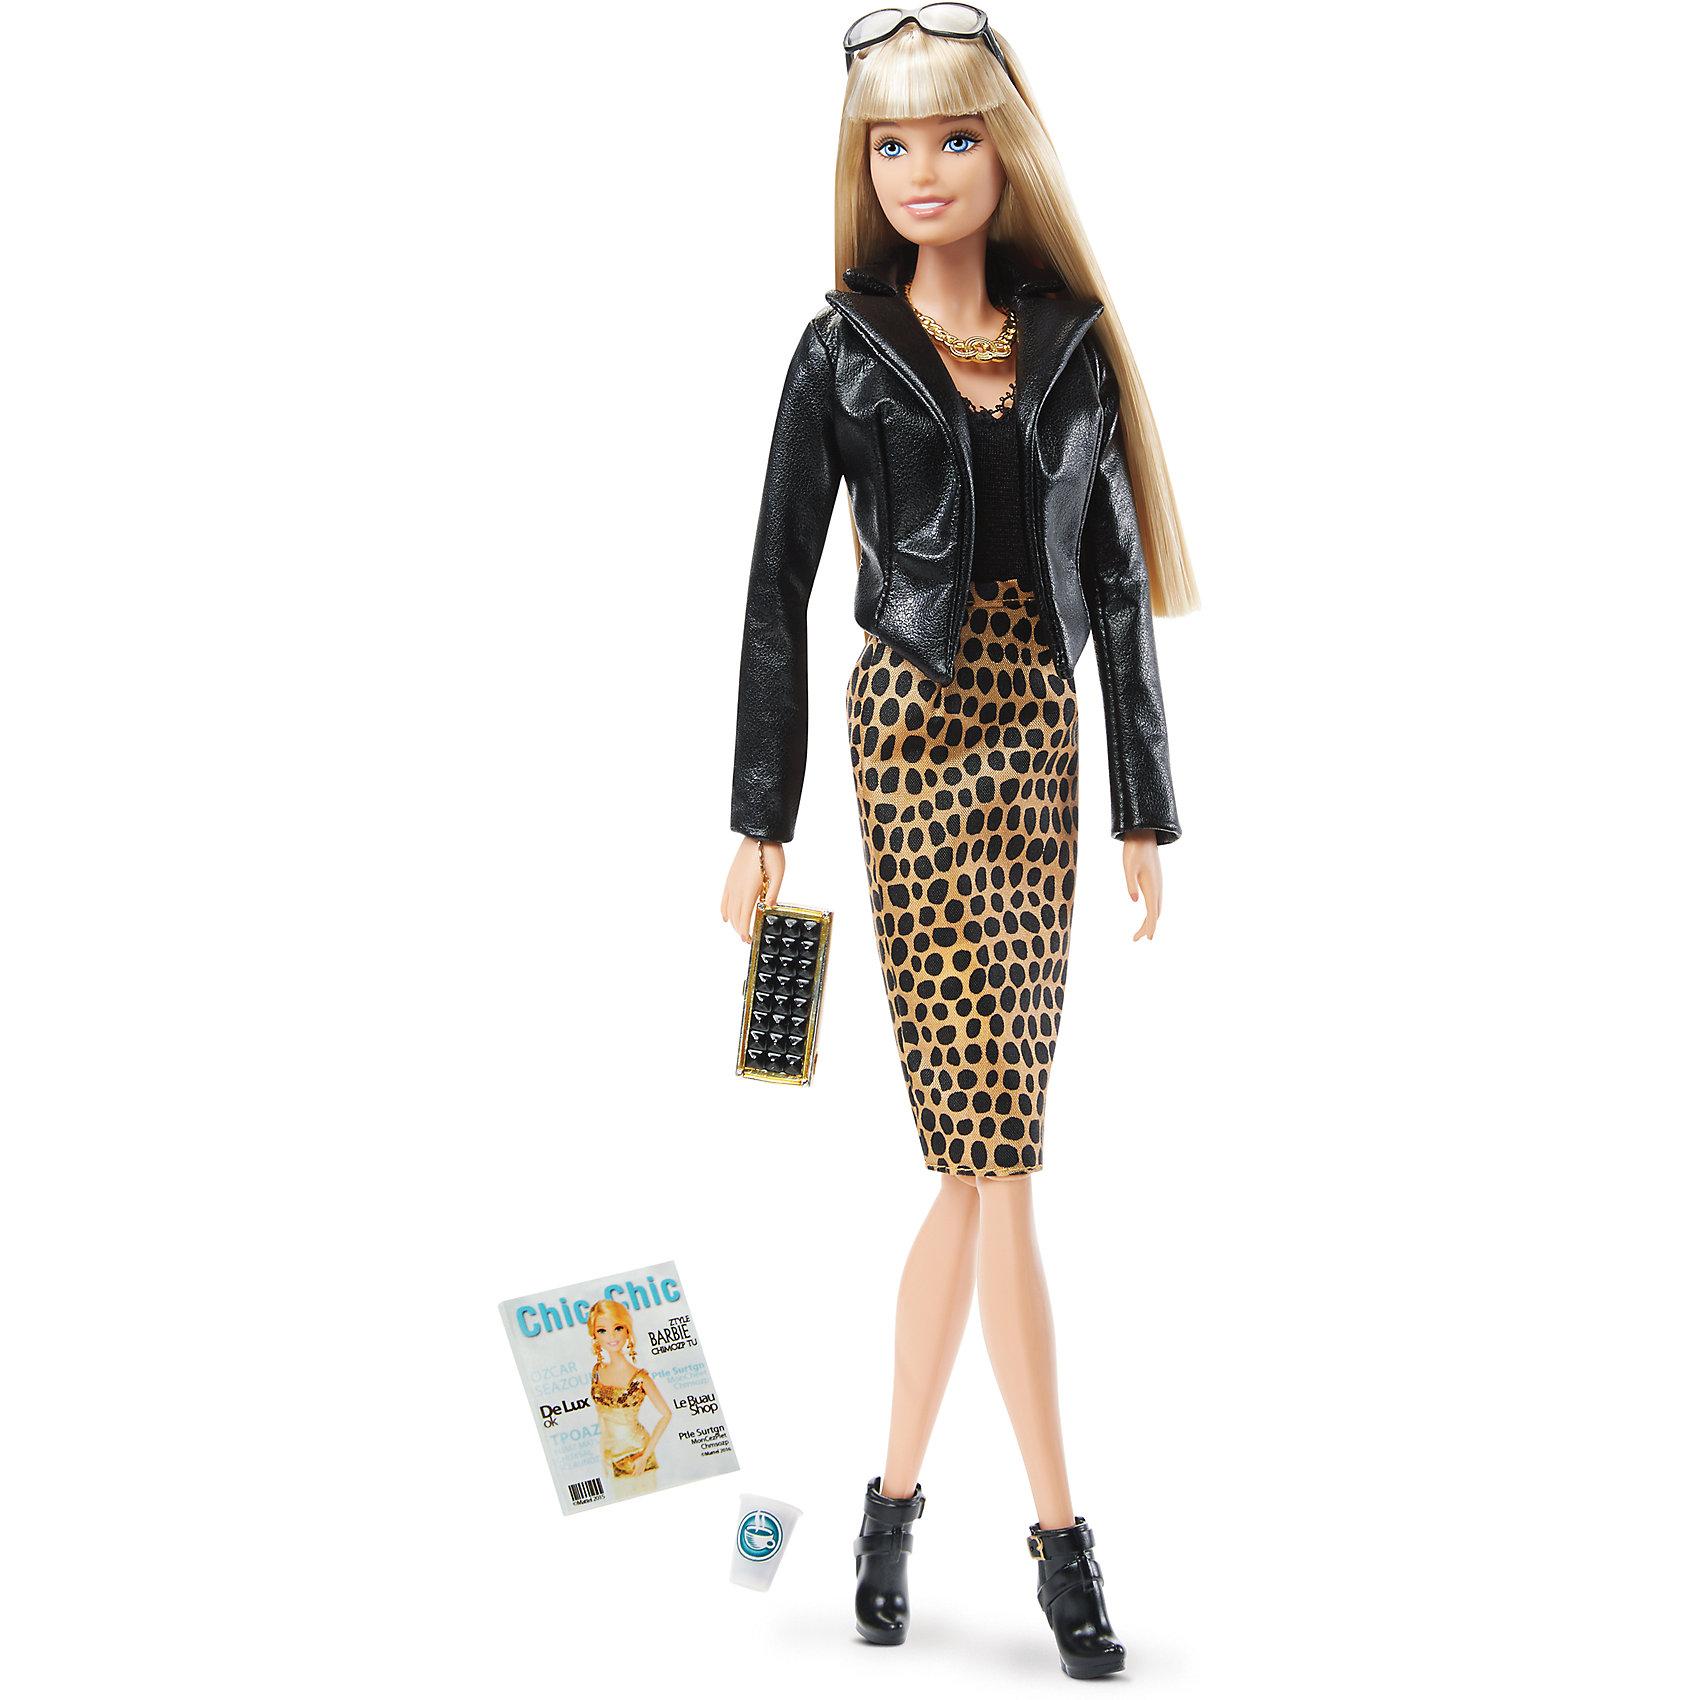 Коллекционная кукла Городской блеск, BarbieBarbie - стильная и знаменитая красавица, покорившая весь мир! В этой коллекции куклы одеты в наряды, понравившиеся наибольшему числу пользователей Instagram. Сегодня модница решила прогуляться. Ее наряд состоит из обтягивающего топа, длинной юбки с леопардовым принтом и стильного кожаного пиджака. На ногах - черные ботильоны на высоком каблуке. Образ дополняет маленький клатч, массивная золотая подвеска на шее и невероятно модные солнечные очки. Волосы куклы длинные и послушные , из них получится множество сногсшибательных причесок. В запястьях, локтях и коленях игрушки находятся шарнирные механизмы, благодаря которым кукла может принимать очень реалистичные позы. <br><br>Дополнительная информация:<br><br>- Материал: пластик, текстиль.<br>- Размер куклы: 30 см.<br>- Голова, руки ноги подвижные. <br>- Комплектация: кукла в одежде и обуви, аксессуары (сумочка, журнал, стакан с кофе).<br><br>Коллекционную куклу Городской блеск Barbie (Барби), можно купить в нашем магазине.<br><br>Ширина мм: 200<br>Глубина мм: 280<br>Высота мм: 355<br>Вес г: 464<br>Возраст от месяцев: 36<br>Возраст до месяцев: 72<br>Пол: Женский<br>Возраст: Детский<br>SKU: 4616970